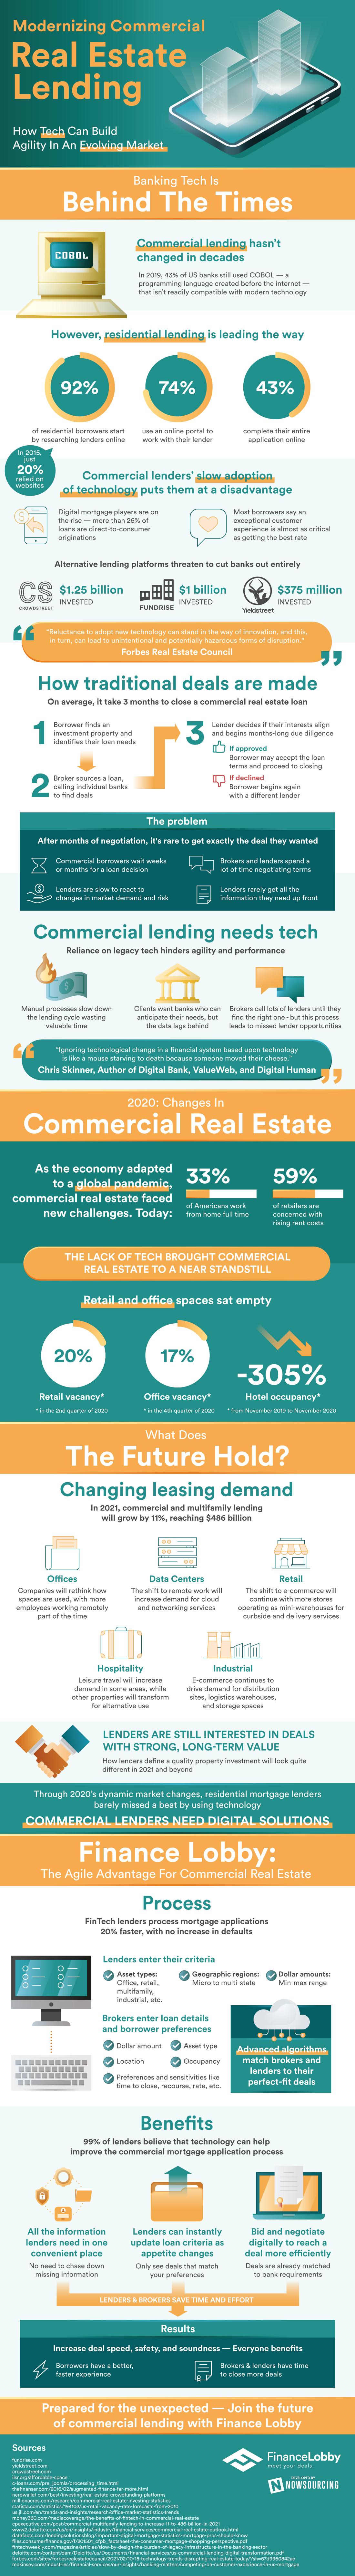 modernizzare il prestito immobiliare commerciale